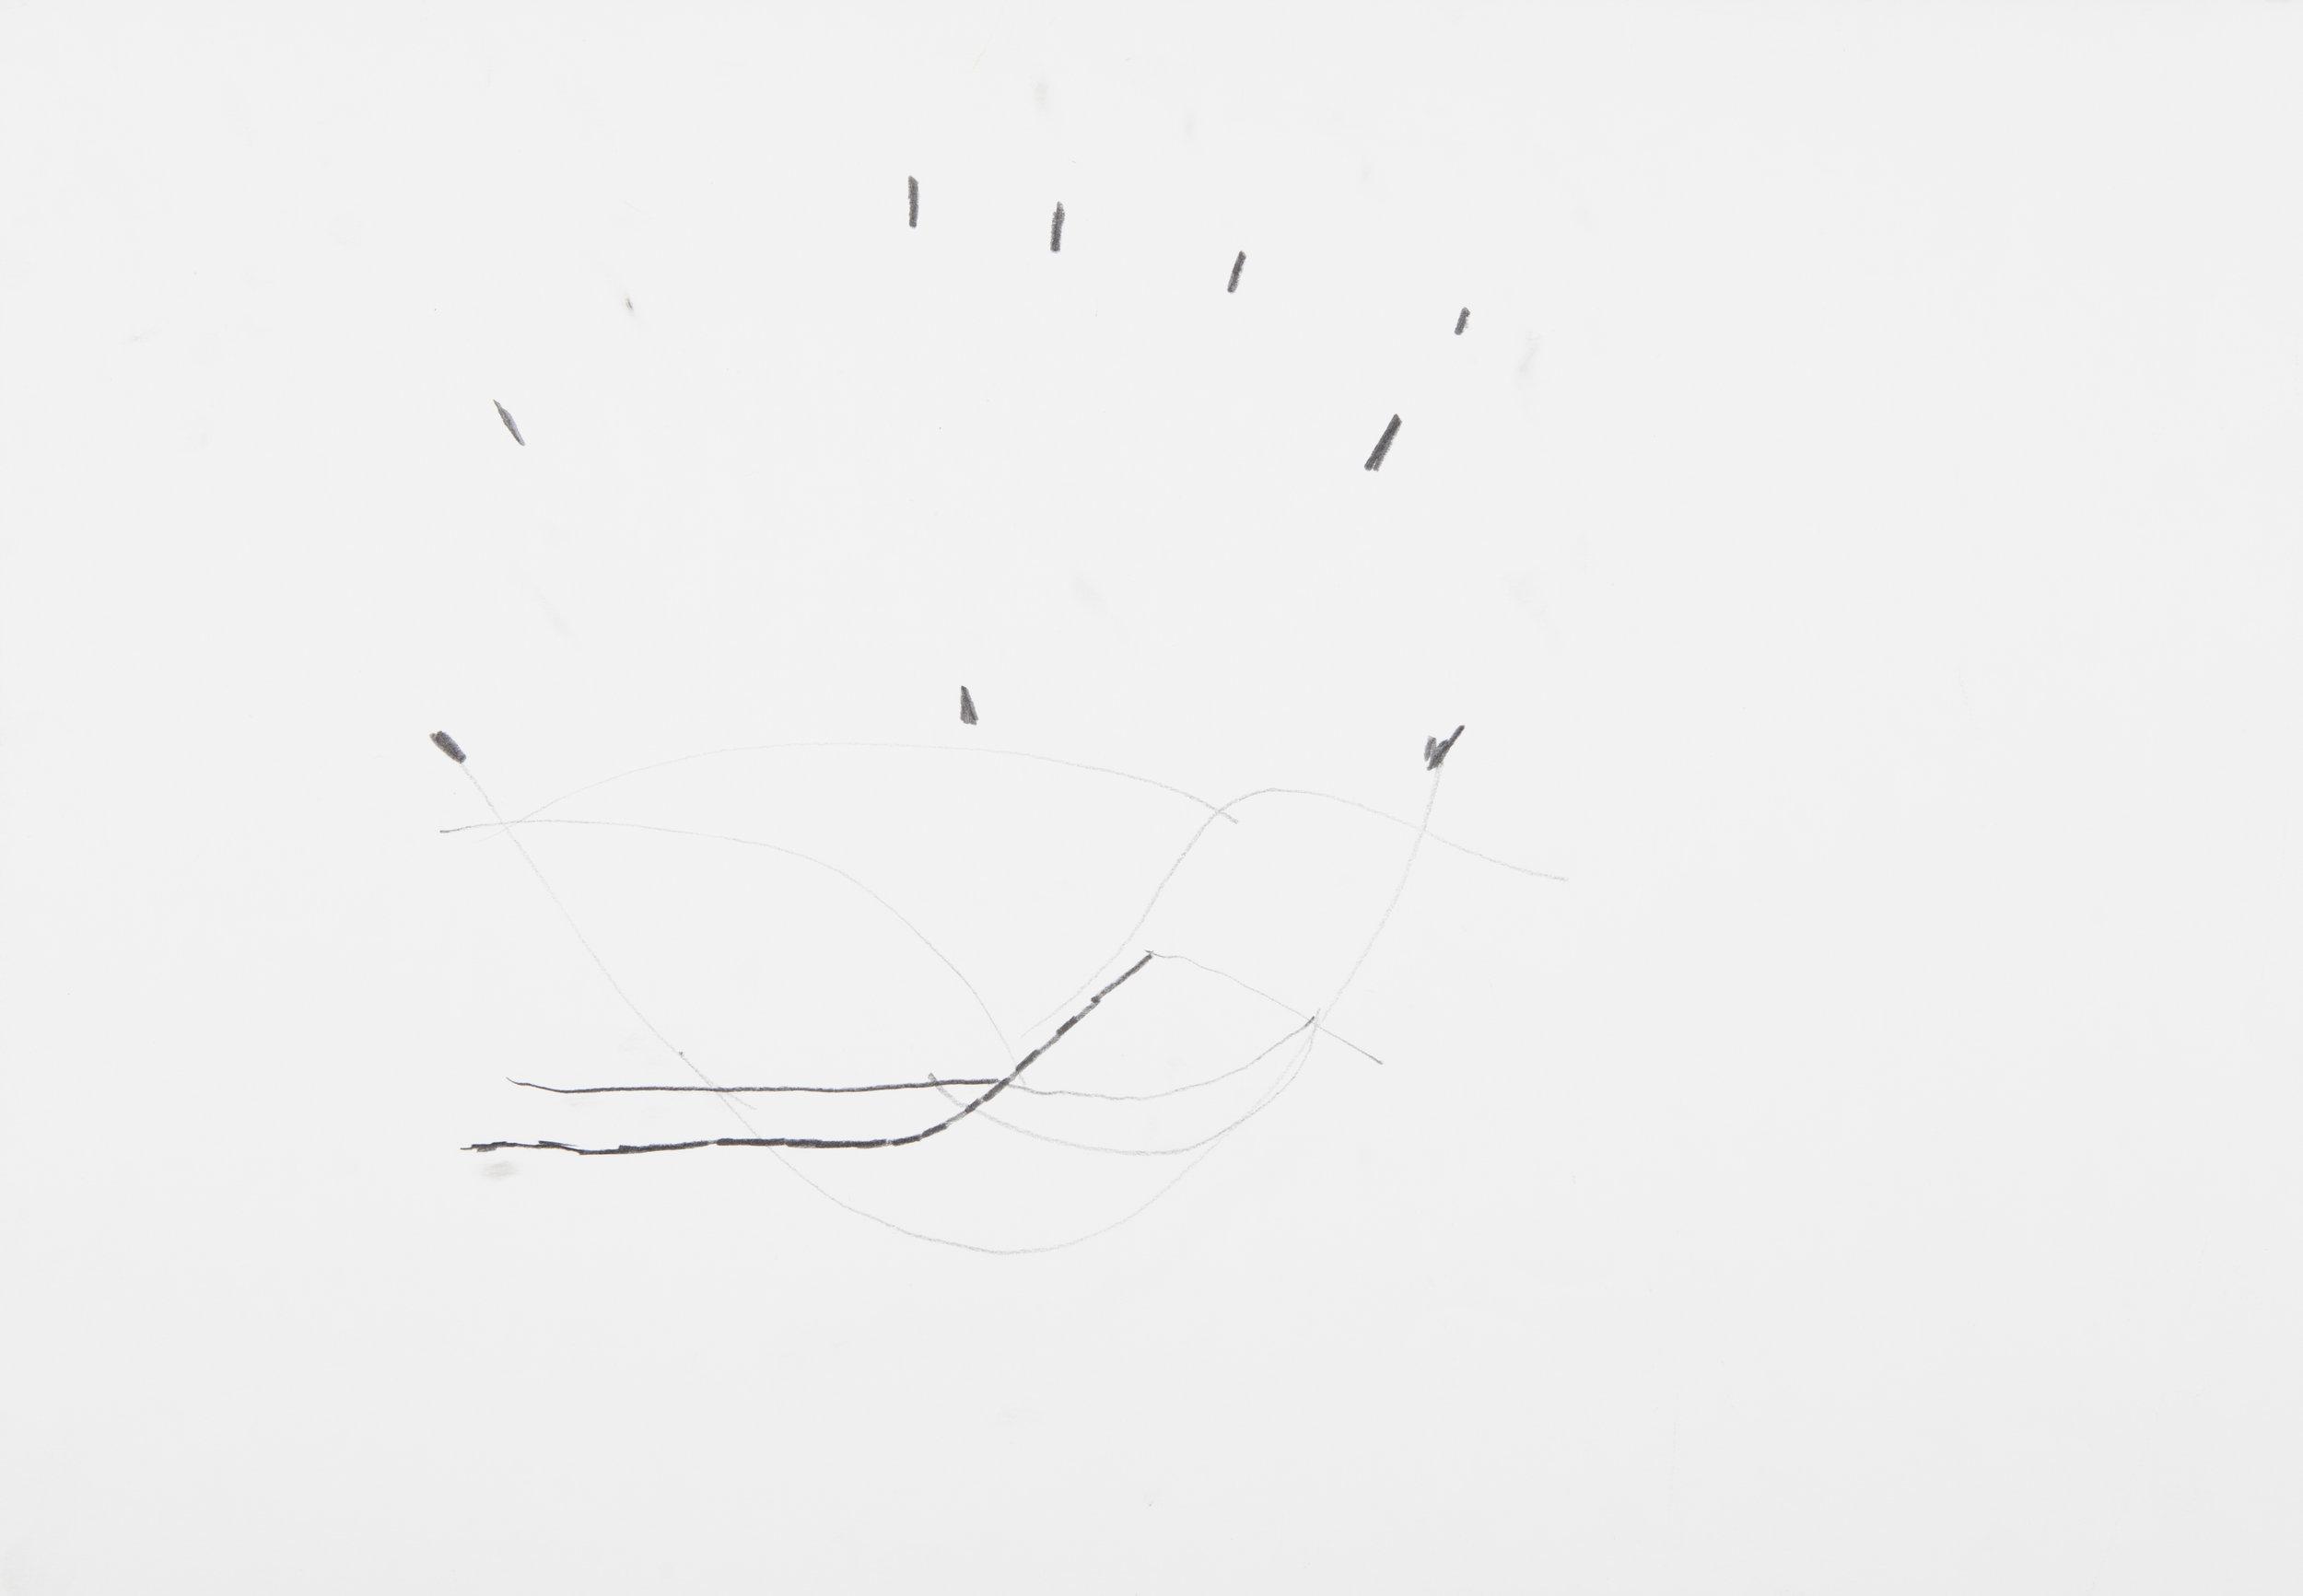 s.d. 3  pencil on paper,  35 x 50 cm